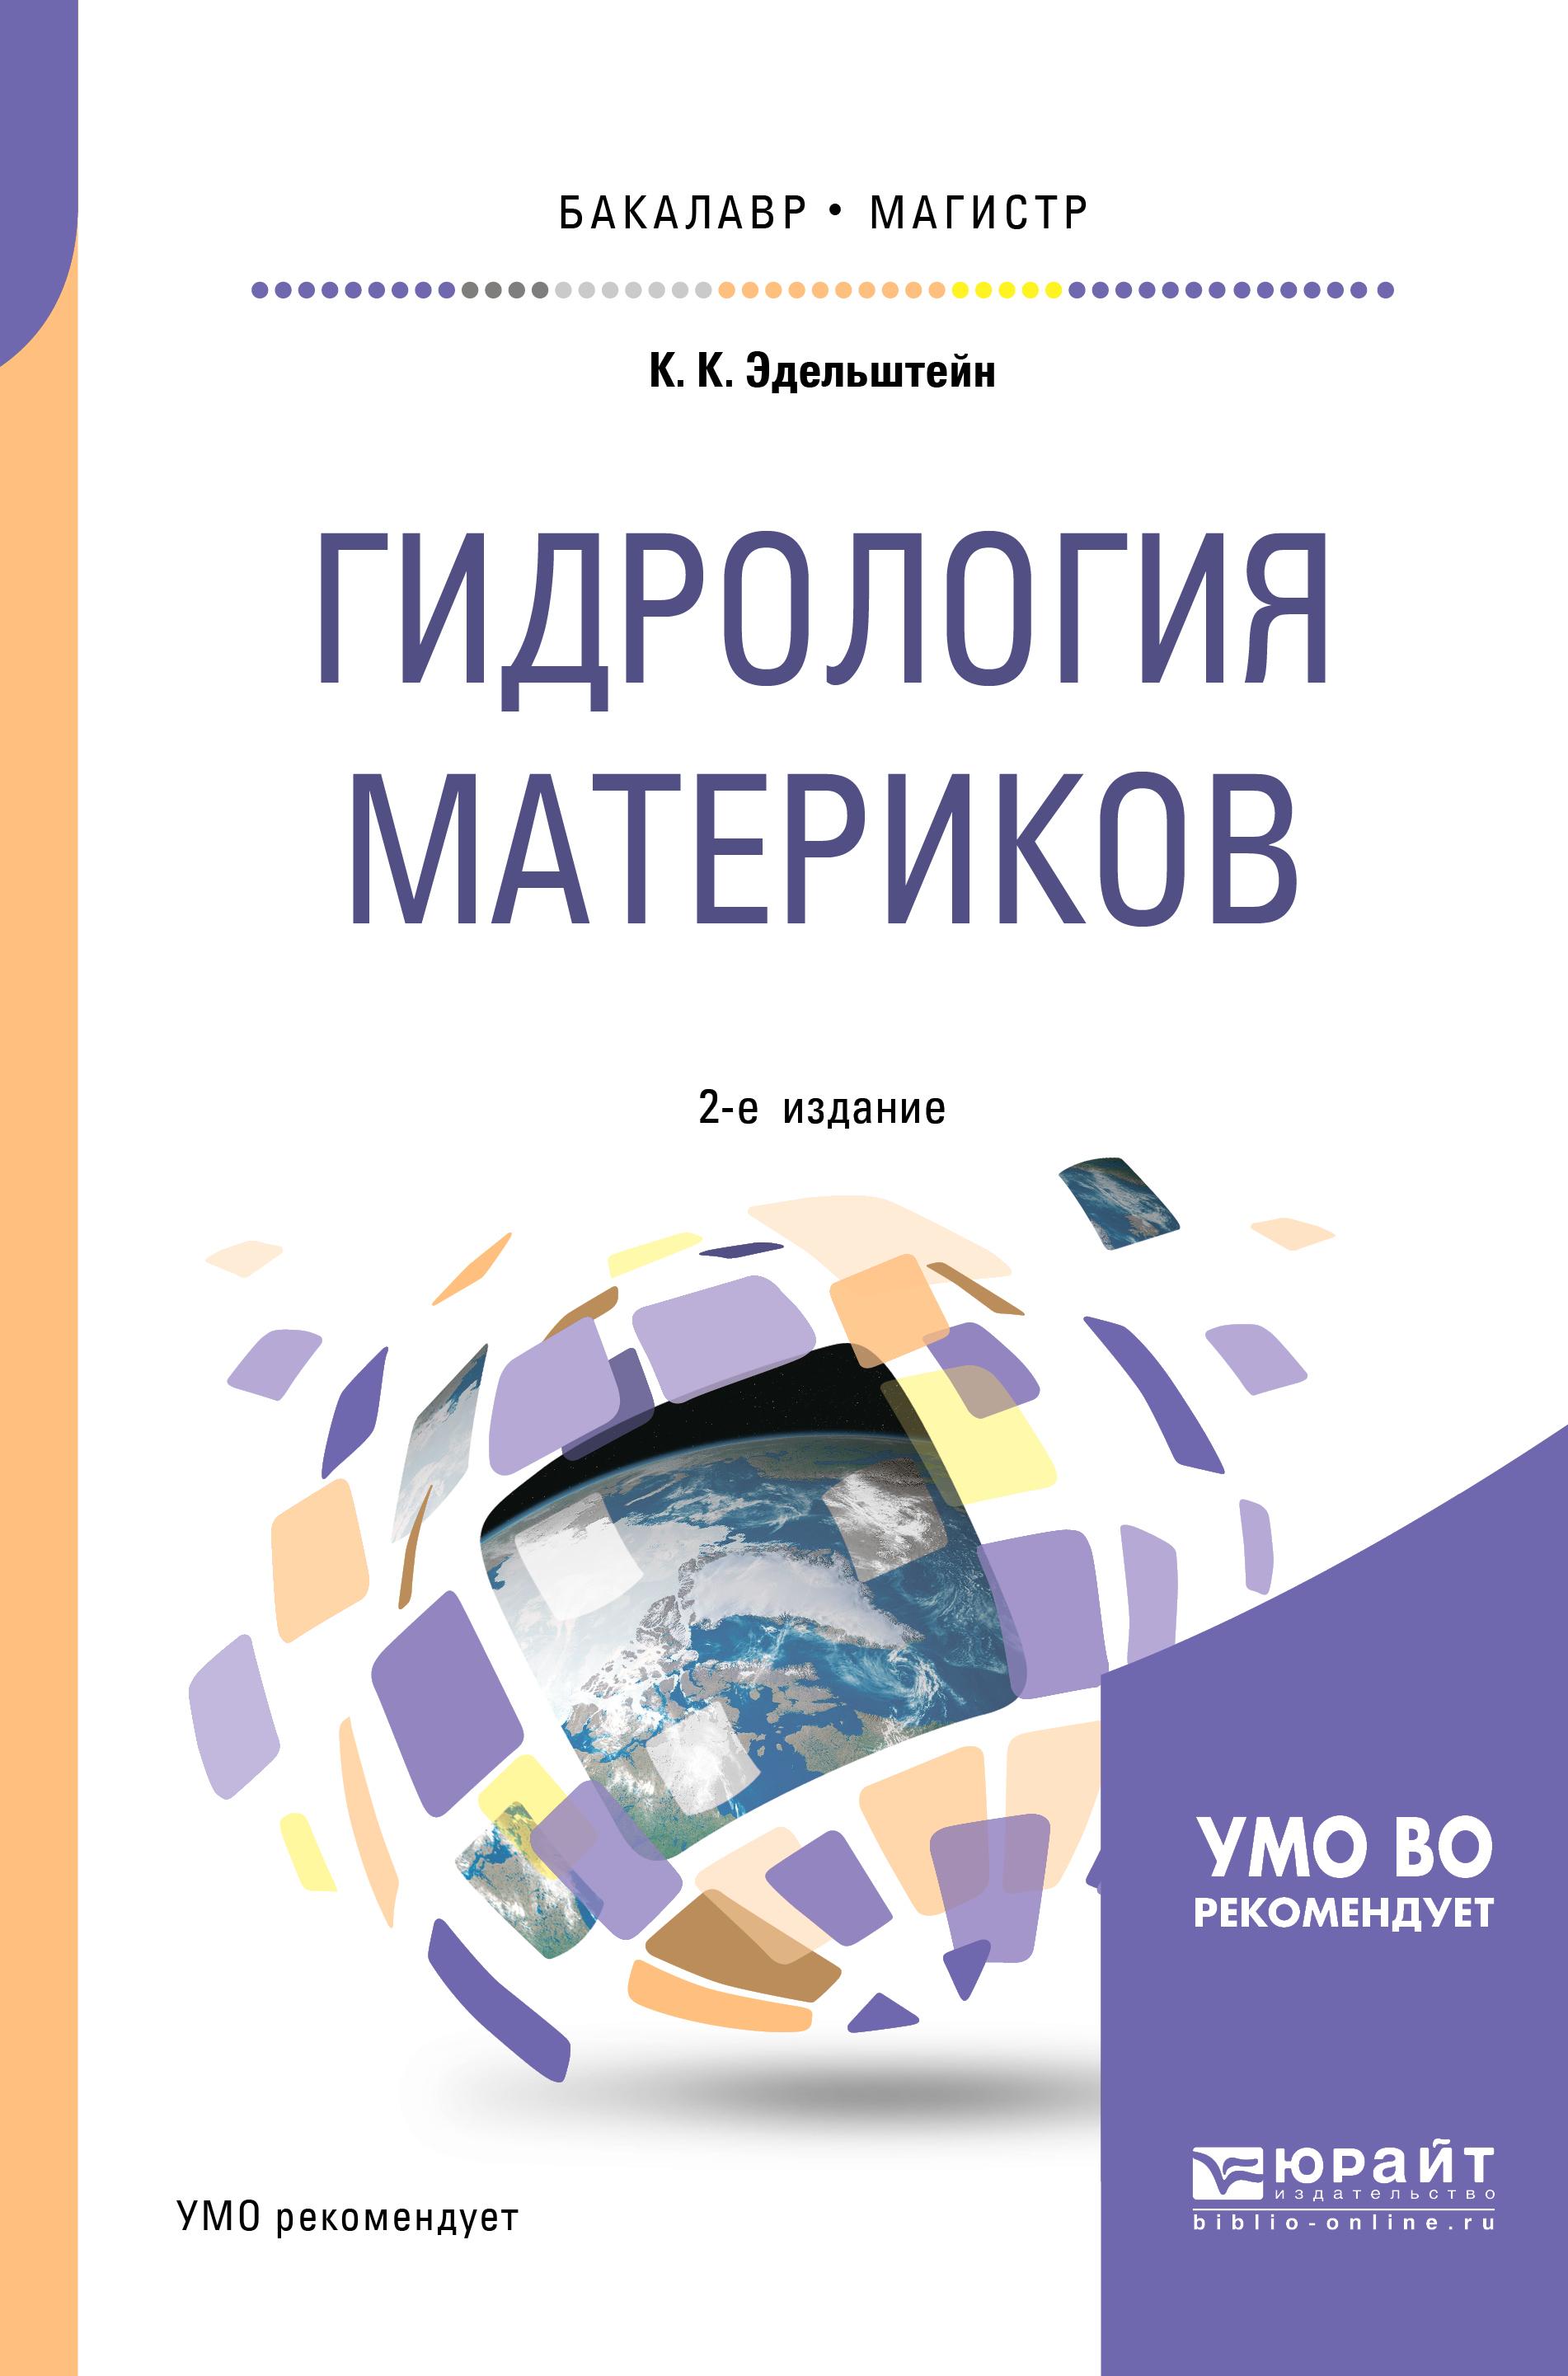 Гидрология материков. Учебное пособие для бакалавриата и магистратуры   Эдельштейн Константин Константинович